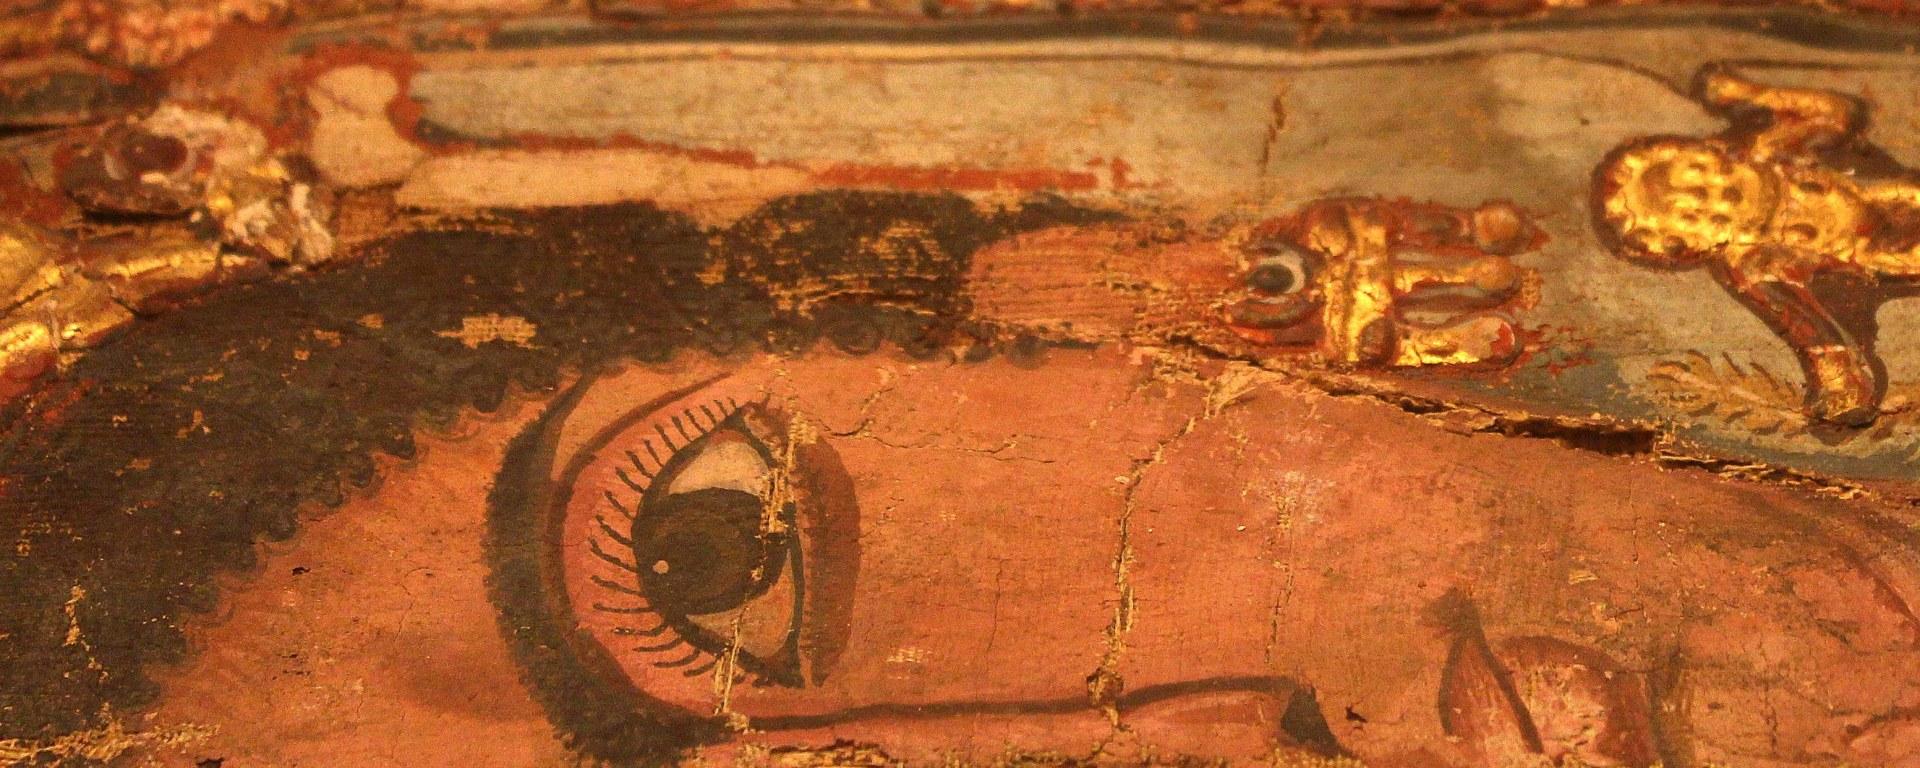 Jerusalem, Israel, Bible Lands Museum, travel, photography, photos, Jerusalem photography